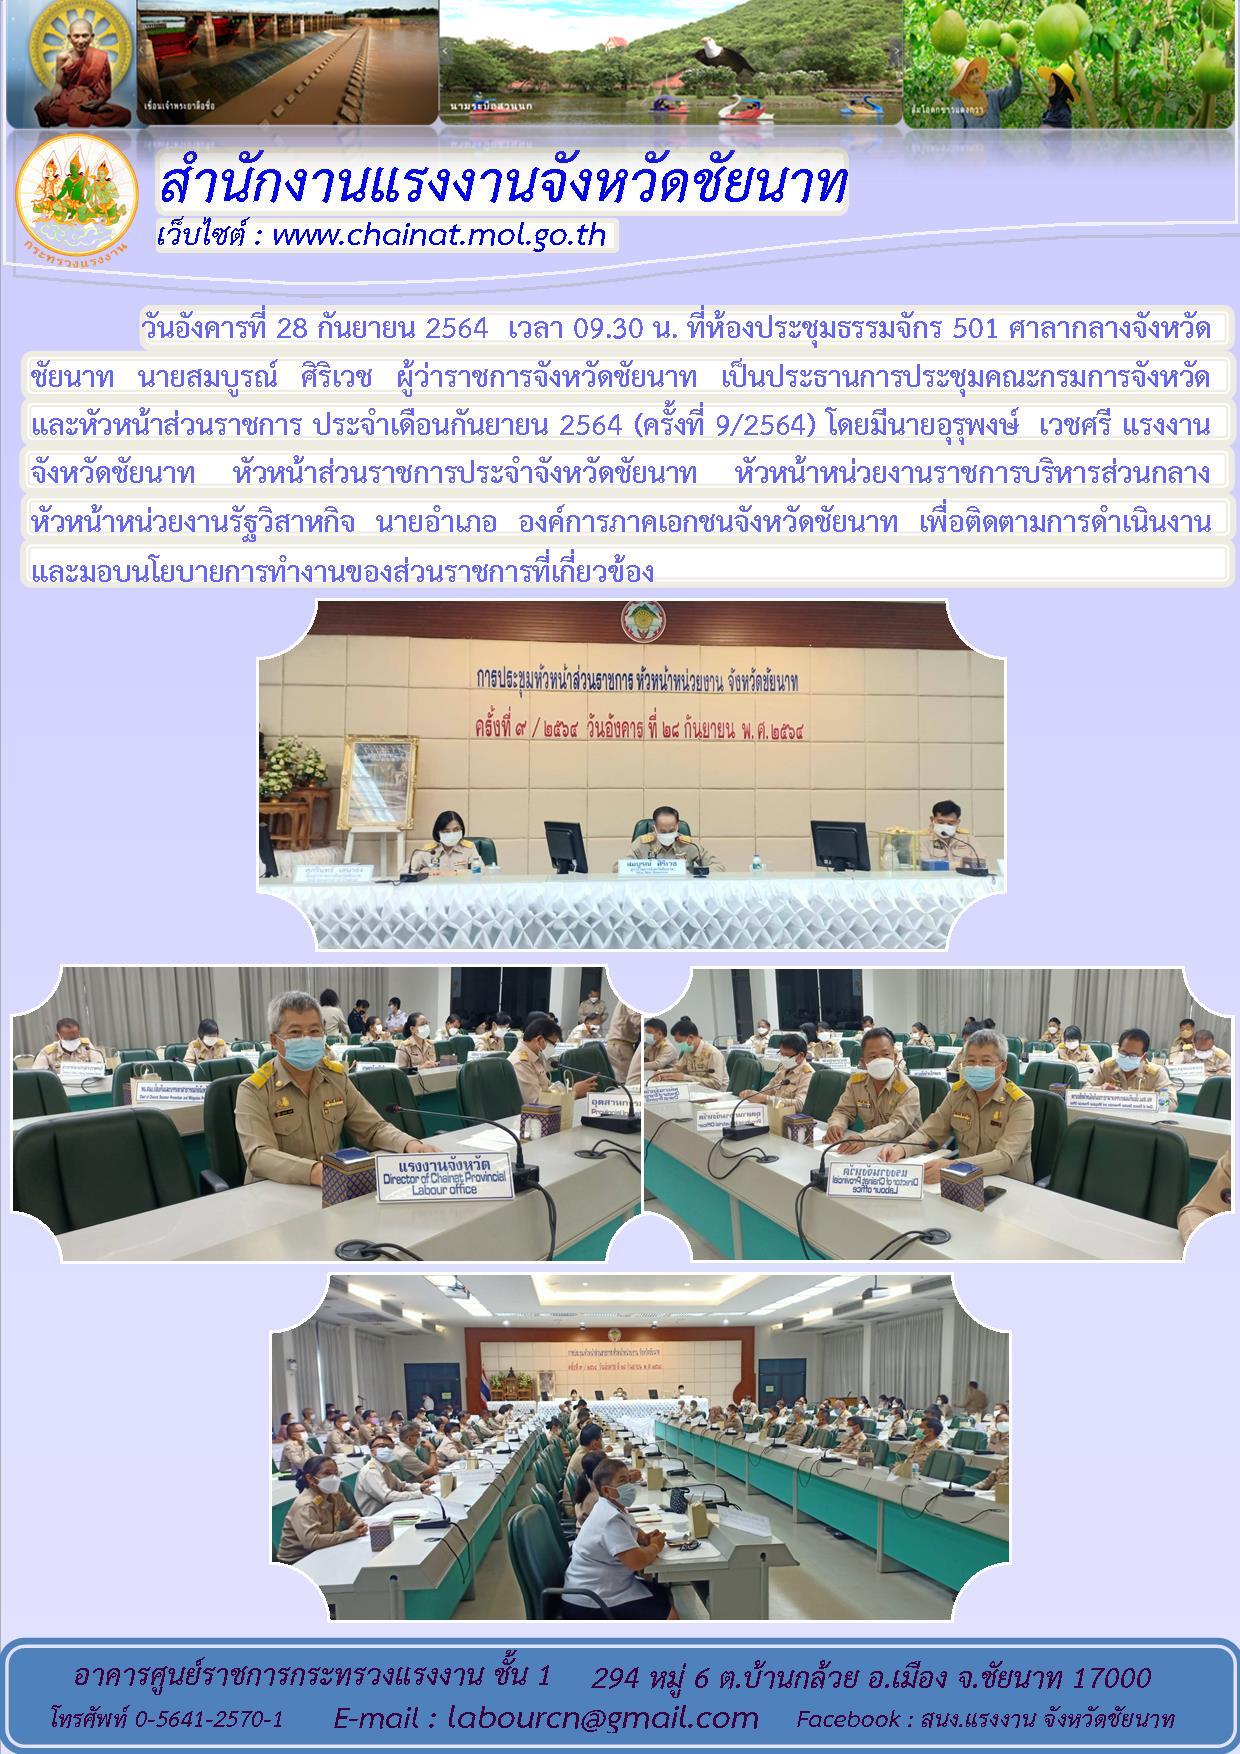 การประชุมคณะกรมการจังหวัดและหัวหน้าส่วนราชการจังหวัดชัยนาท ประจำเดือนกันยายน 2564 ครั้งที่ 9/2564